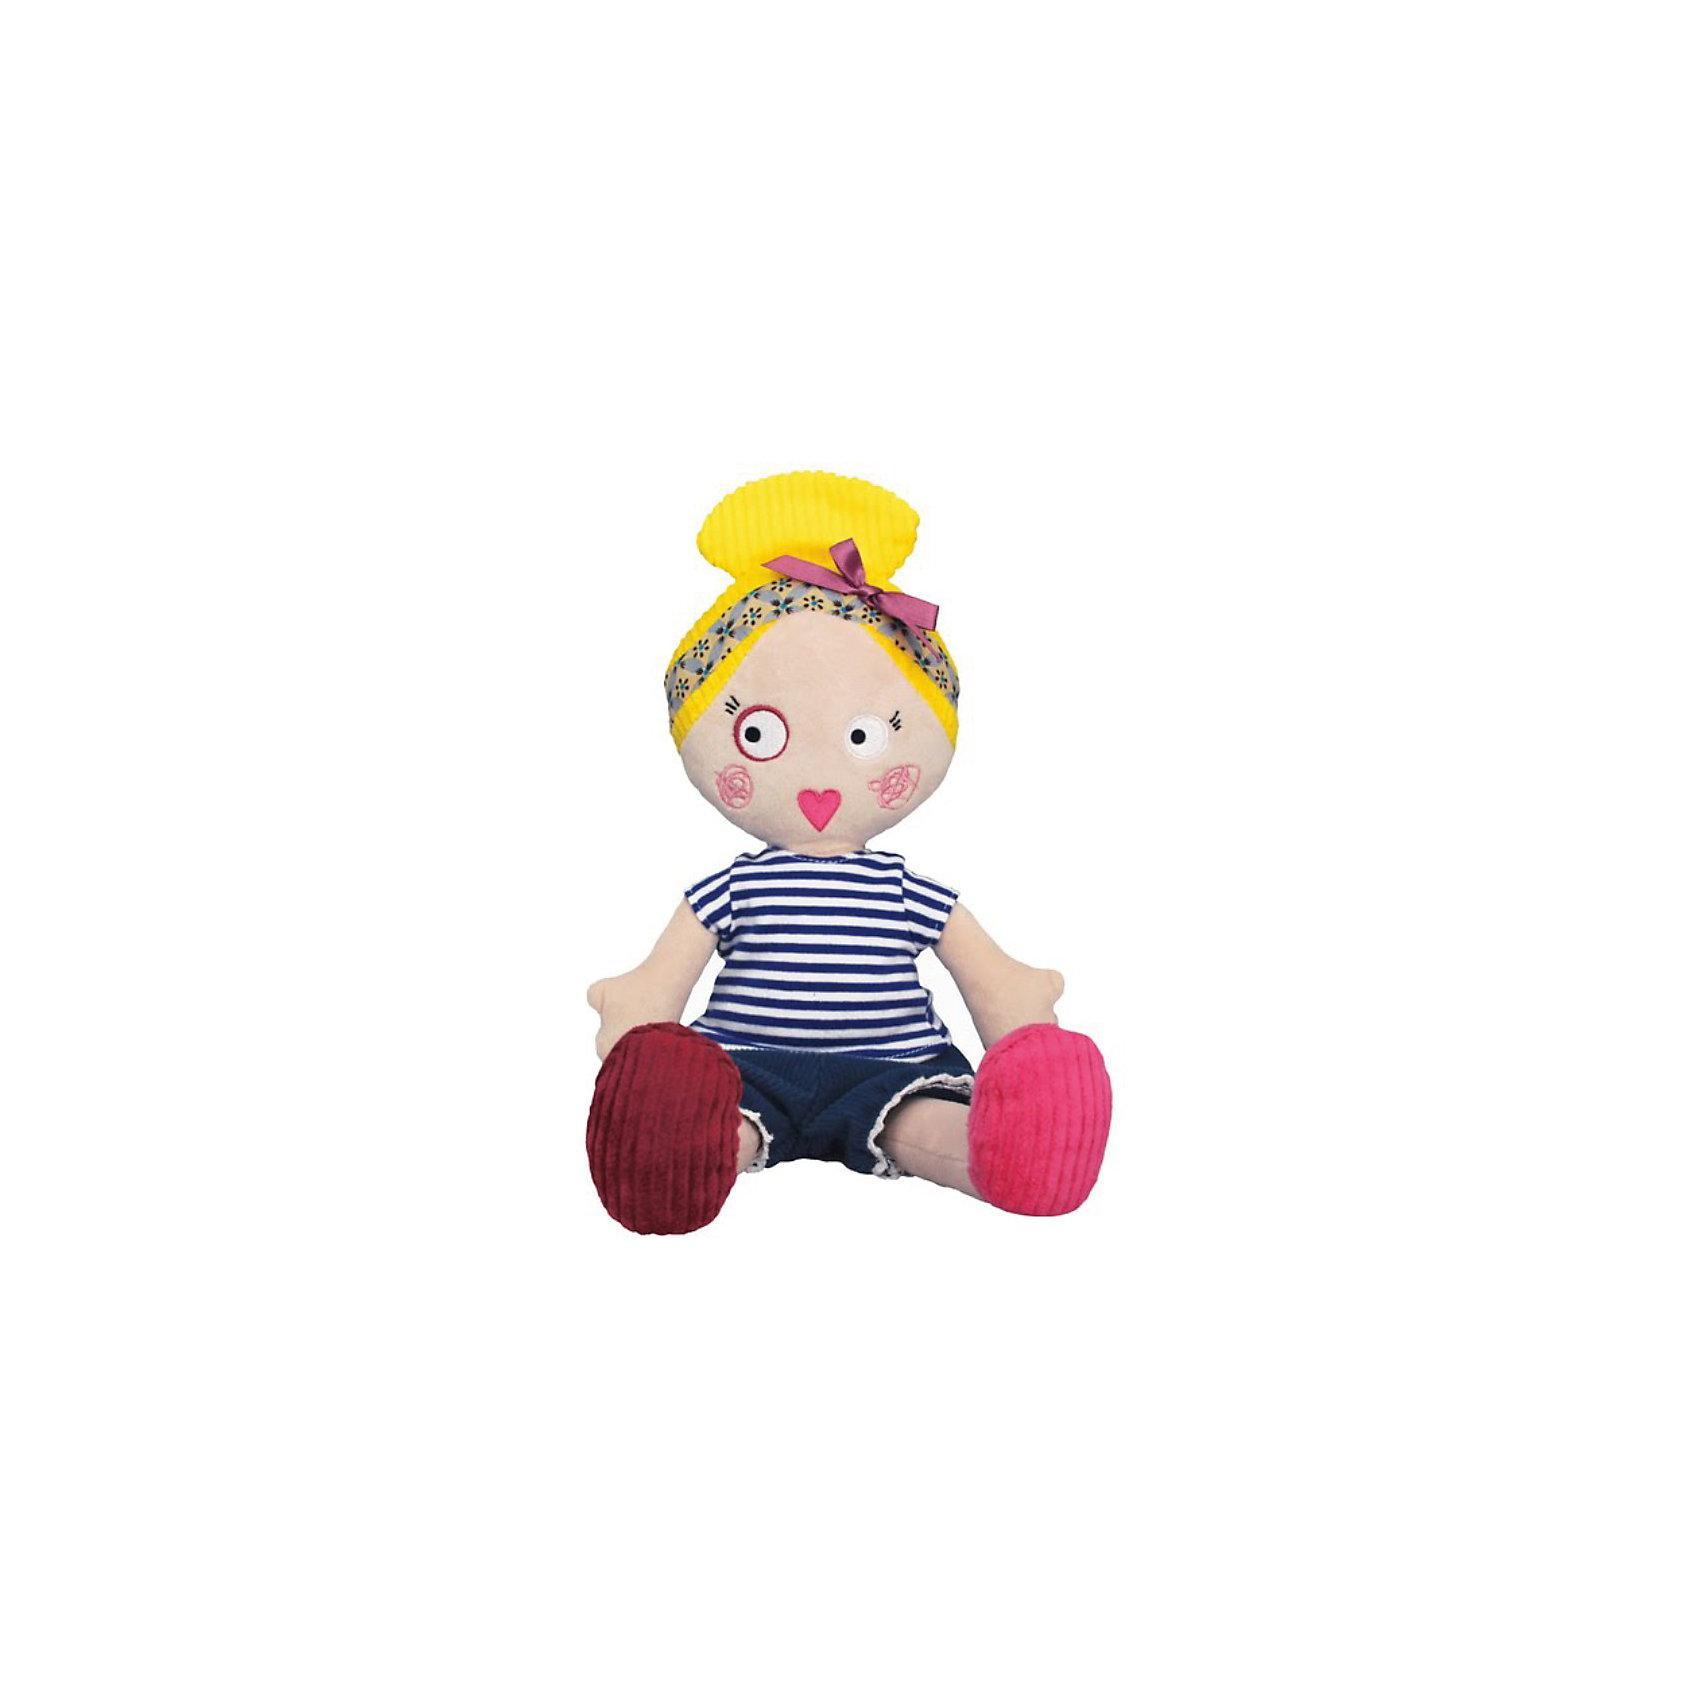 Кукла Mistinguette Colette, DeglingosЭксклюзивная кукла Mistinguette Colette, Deglingos - отличный подарок не только детям, но и взрослым.<br>Мягкая дизайнерская кукла Colette с элементами ручной вышивки сразу покорит сердце Вашей малышки! Колетт - просто красавица, она завоевывает симпатию экстравагантным и необычным видом. Колетт настоящая парижанка, у нее свой неповторимый стиль. Она с большим удовольствием поселится у Вас дома и будет радовать Вас и Ваших детей. <br>Колетт располагает к себе, вызывает улыбку, радость, с ней хочется играть снова и снова.<br>Мягкой необычной кукле будет рад и ребенок, у которого появится новая подружка, и взрослый, который порадуется оригинальному подарку.<br><br>Дополнительная информация:<br><br>- Все детали куклы вышиты вручную.<br>- Материалы: велюр, вельвет, ситец, драп, мешковина.<br>- Наполнитель: полиэстер<br>- Высота куклы: 34 см.<br>- Размер упаковки: 10х15х23 см.<br>- Вес: 600 гр.<br><br>Куклу Mistinguette Colette, Deglingos можно купить в нашем интернет-магазине.<br><br>Ширина мм: 100<br>Глубина мм: 150<br>Высота мм: 230<br>Вес г: 600<br>Возраст от месяцев: 36<br>Возраст до месяцев: 120<br>Пол: Женский<br>Возраст: Детский<br>SKU: 3771802